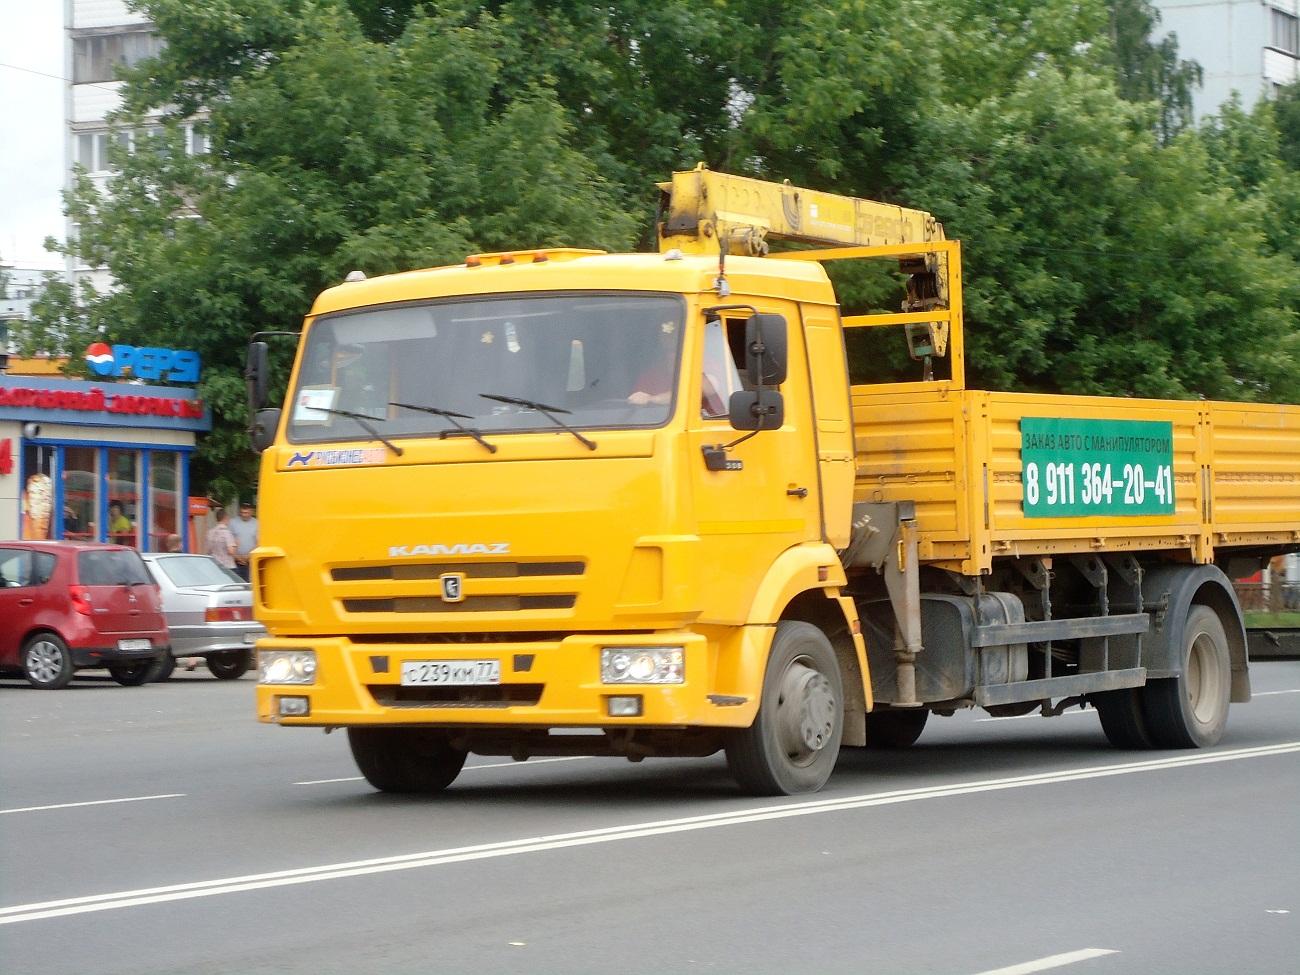 Бортовой грузовик с КМУ КамАЗ-4308 #С 239 КМ 77. Псков, Рижский проспект